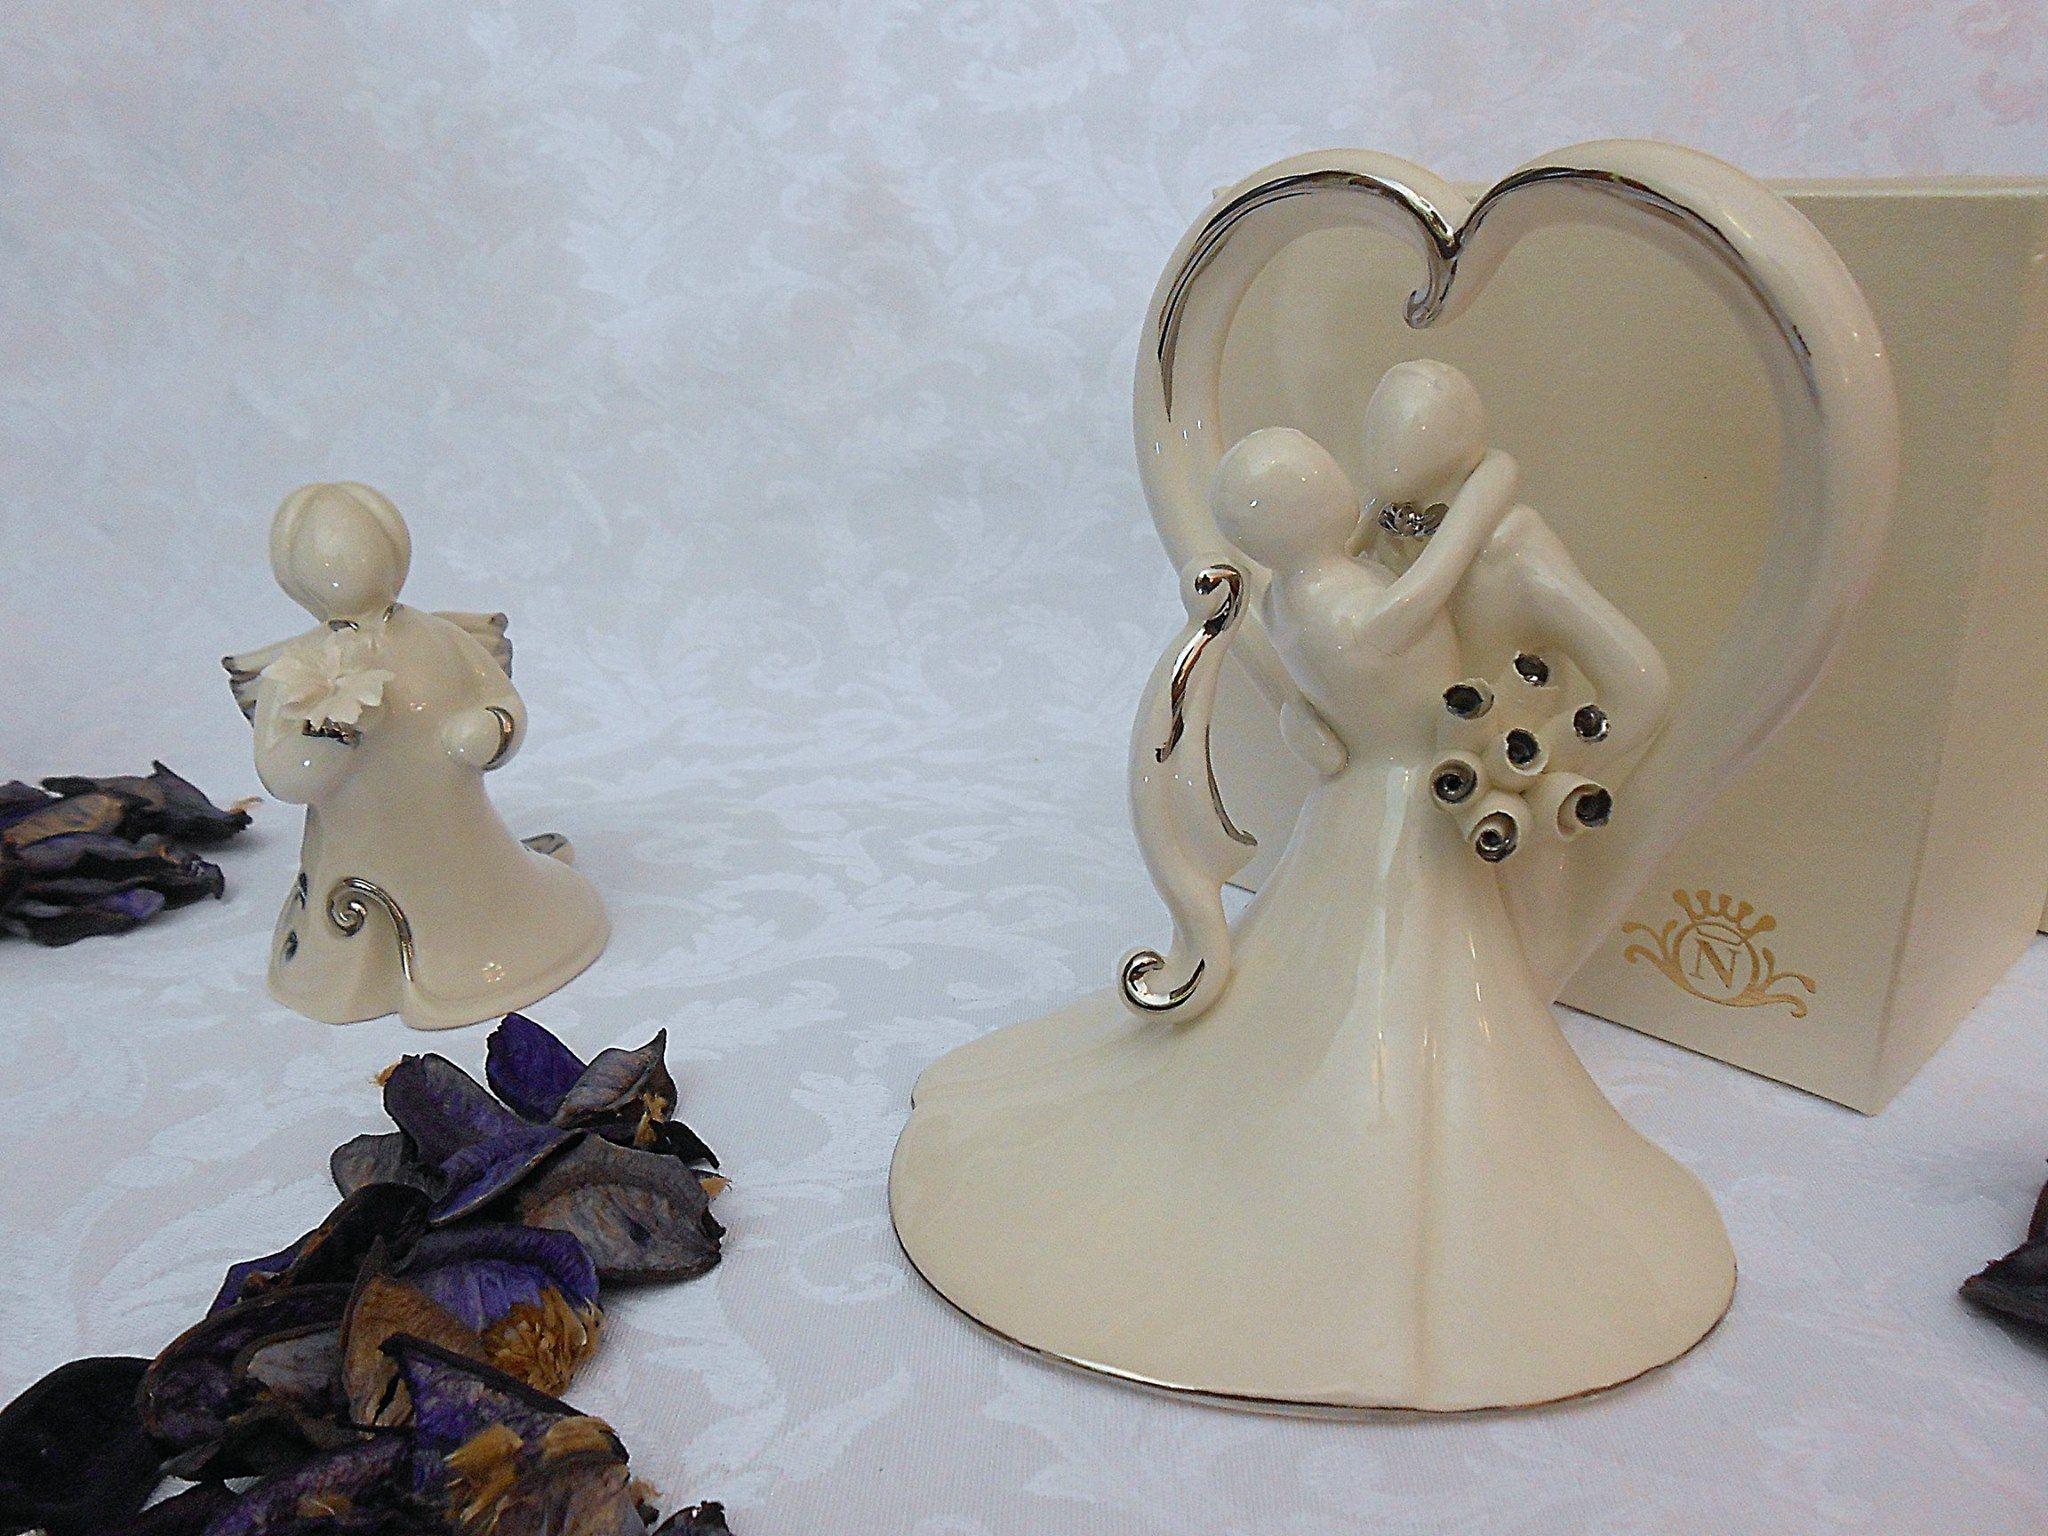 Bomboniere Capodimonte Matrimonio.Coppia Di Sposi Bomboniera In Porcellana Creazioni Esclusive In